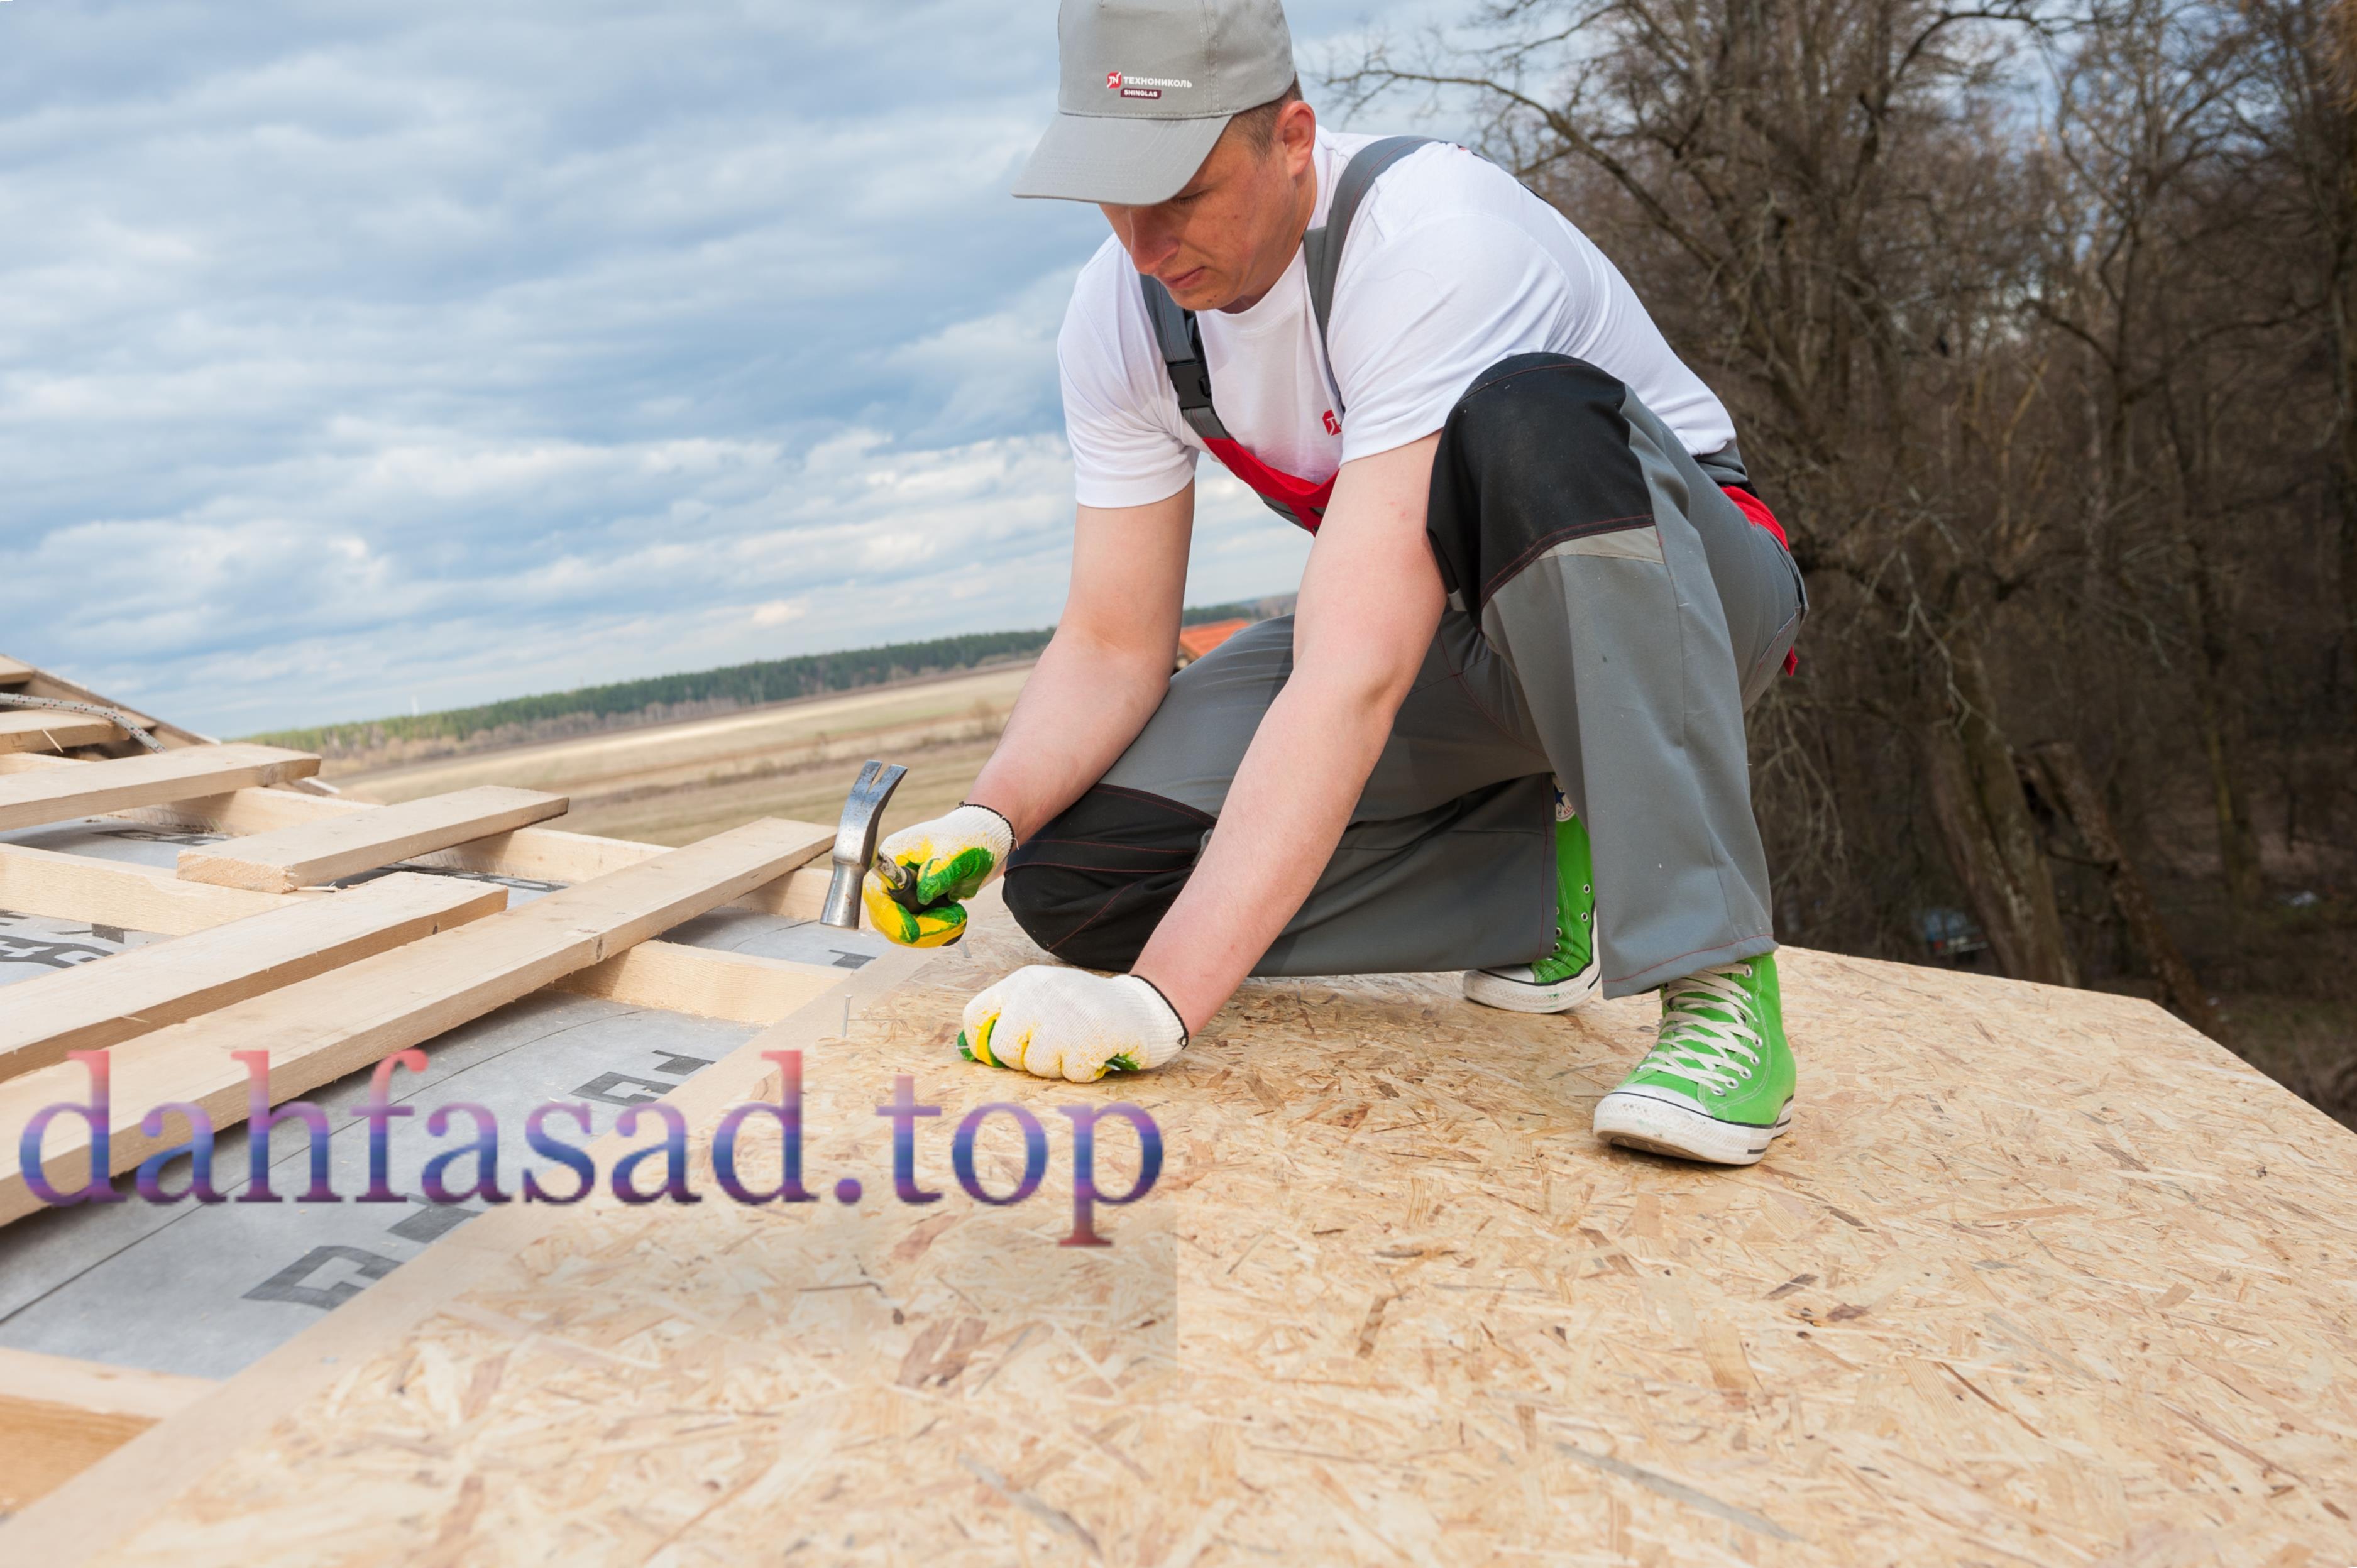 Монтаж м'якої черепиці: особливості покрівельних робіт і технологія влаштування даху